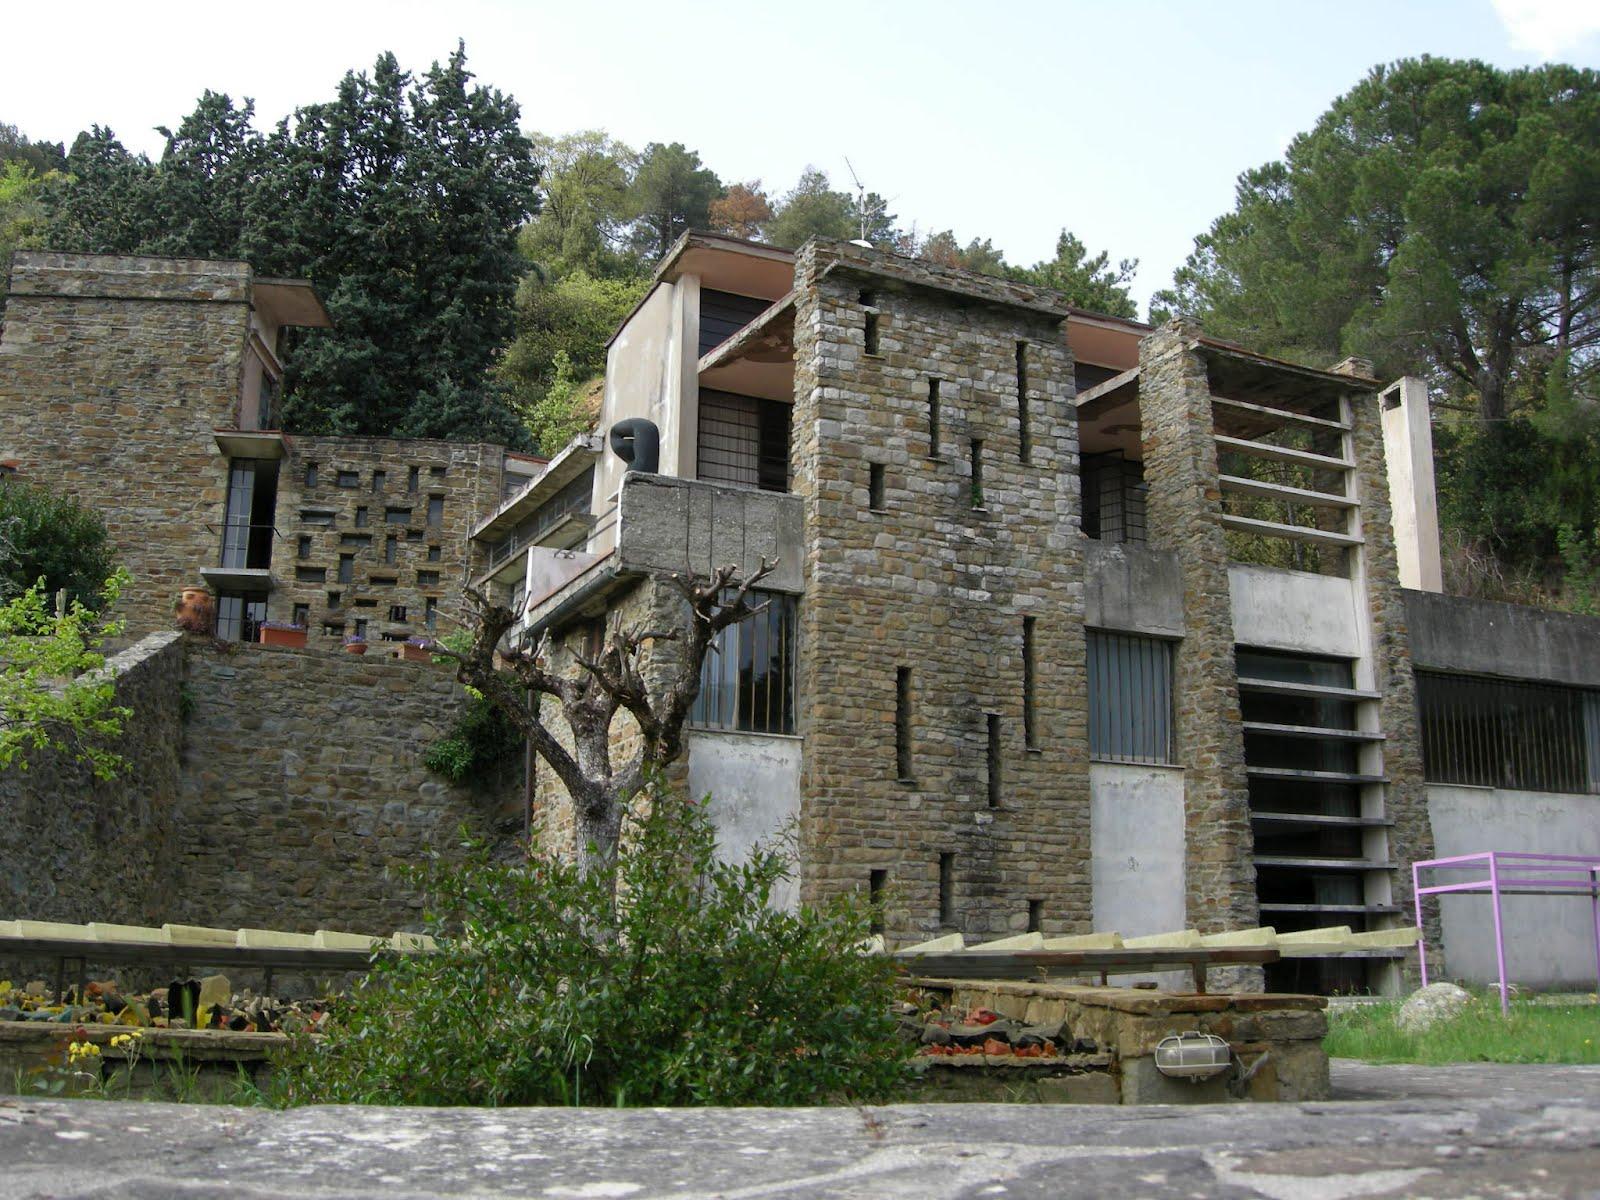 Antonella colaninno sensazioni in arte 05 01 2012 06 01 2012 - Ricci casa milano ...